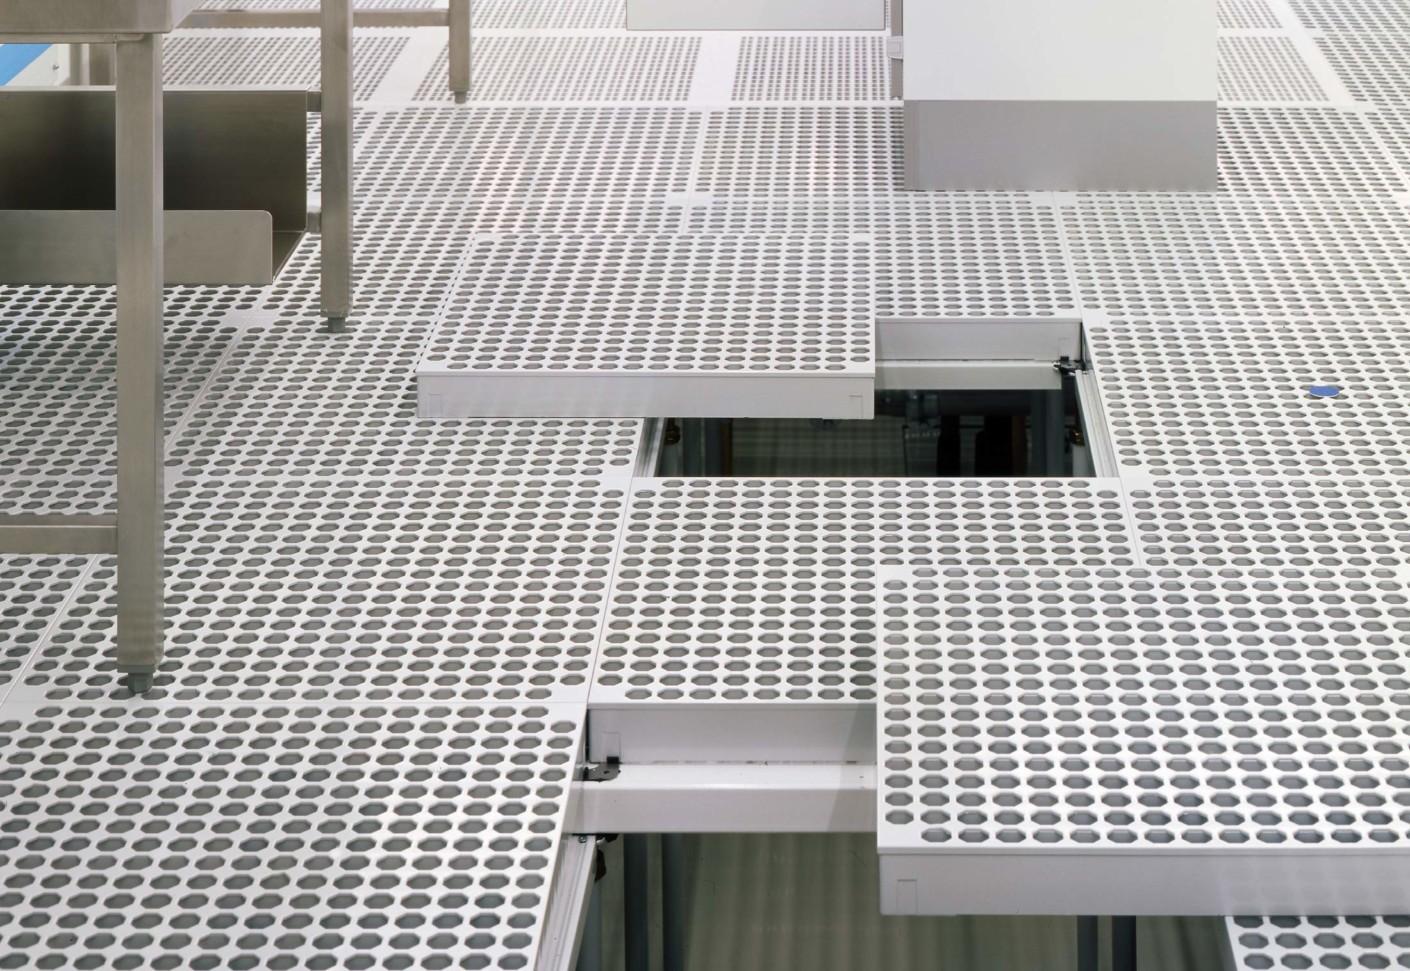 Construction Clean Room Floor : Clean room floor by lindner group stylepark